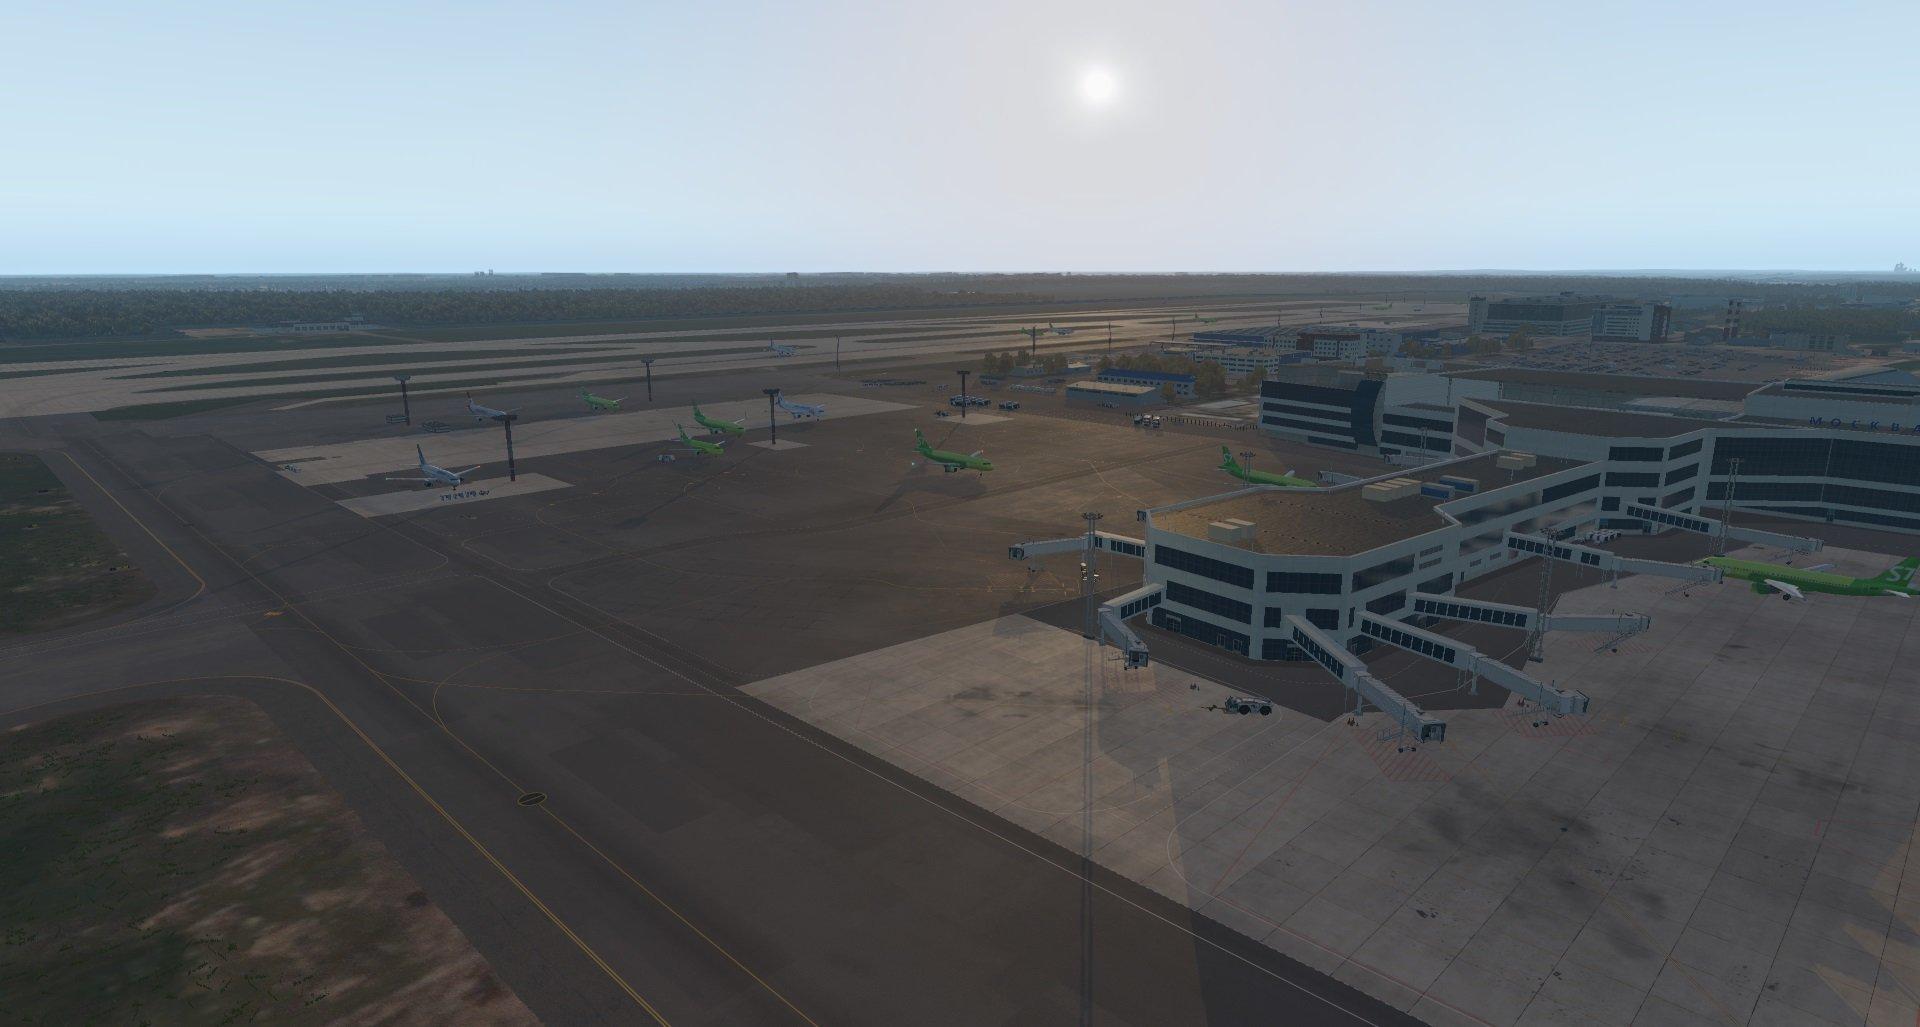 901607965_Cessna_172SP-2019-09-271_56_24.jpg.0298656b52b7659f4bcf9dccc3902f67.jpg